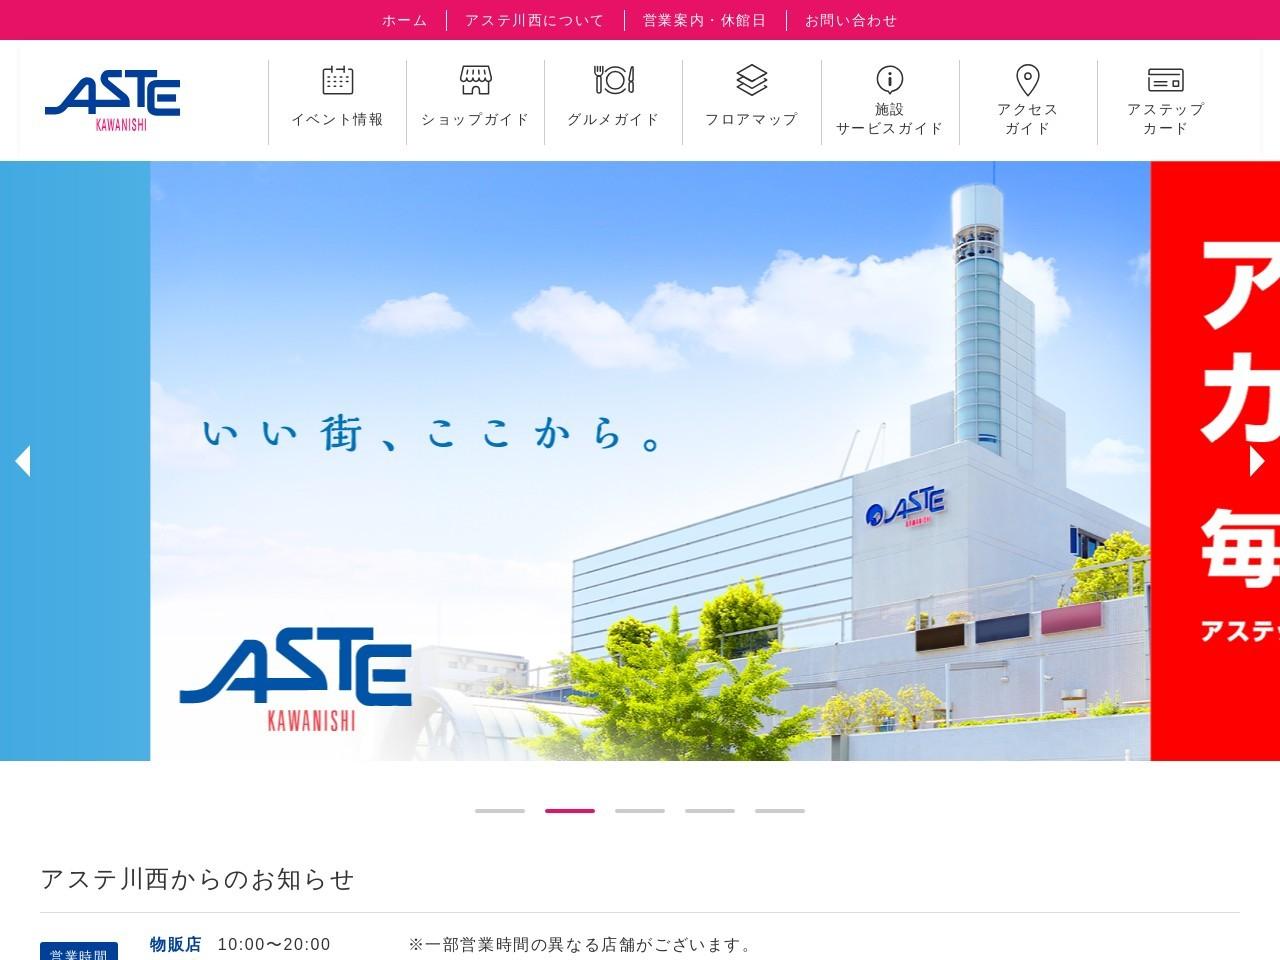 アステ川西/呉服店/スタジオハッピー京むらさき